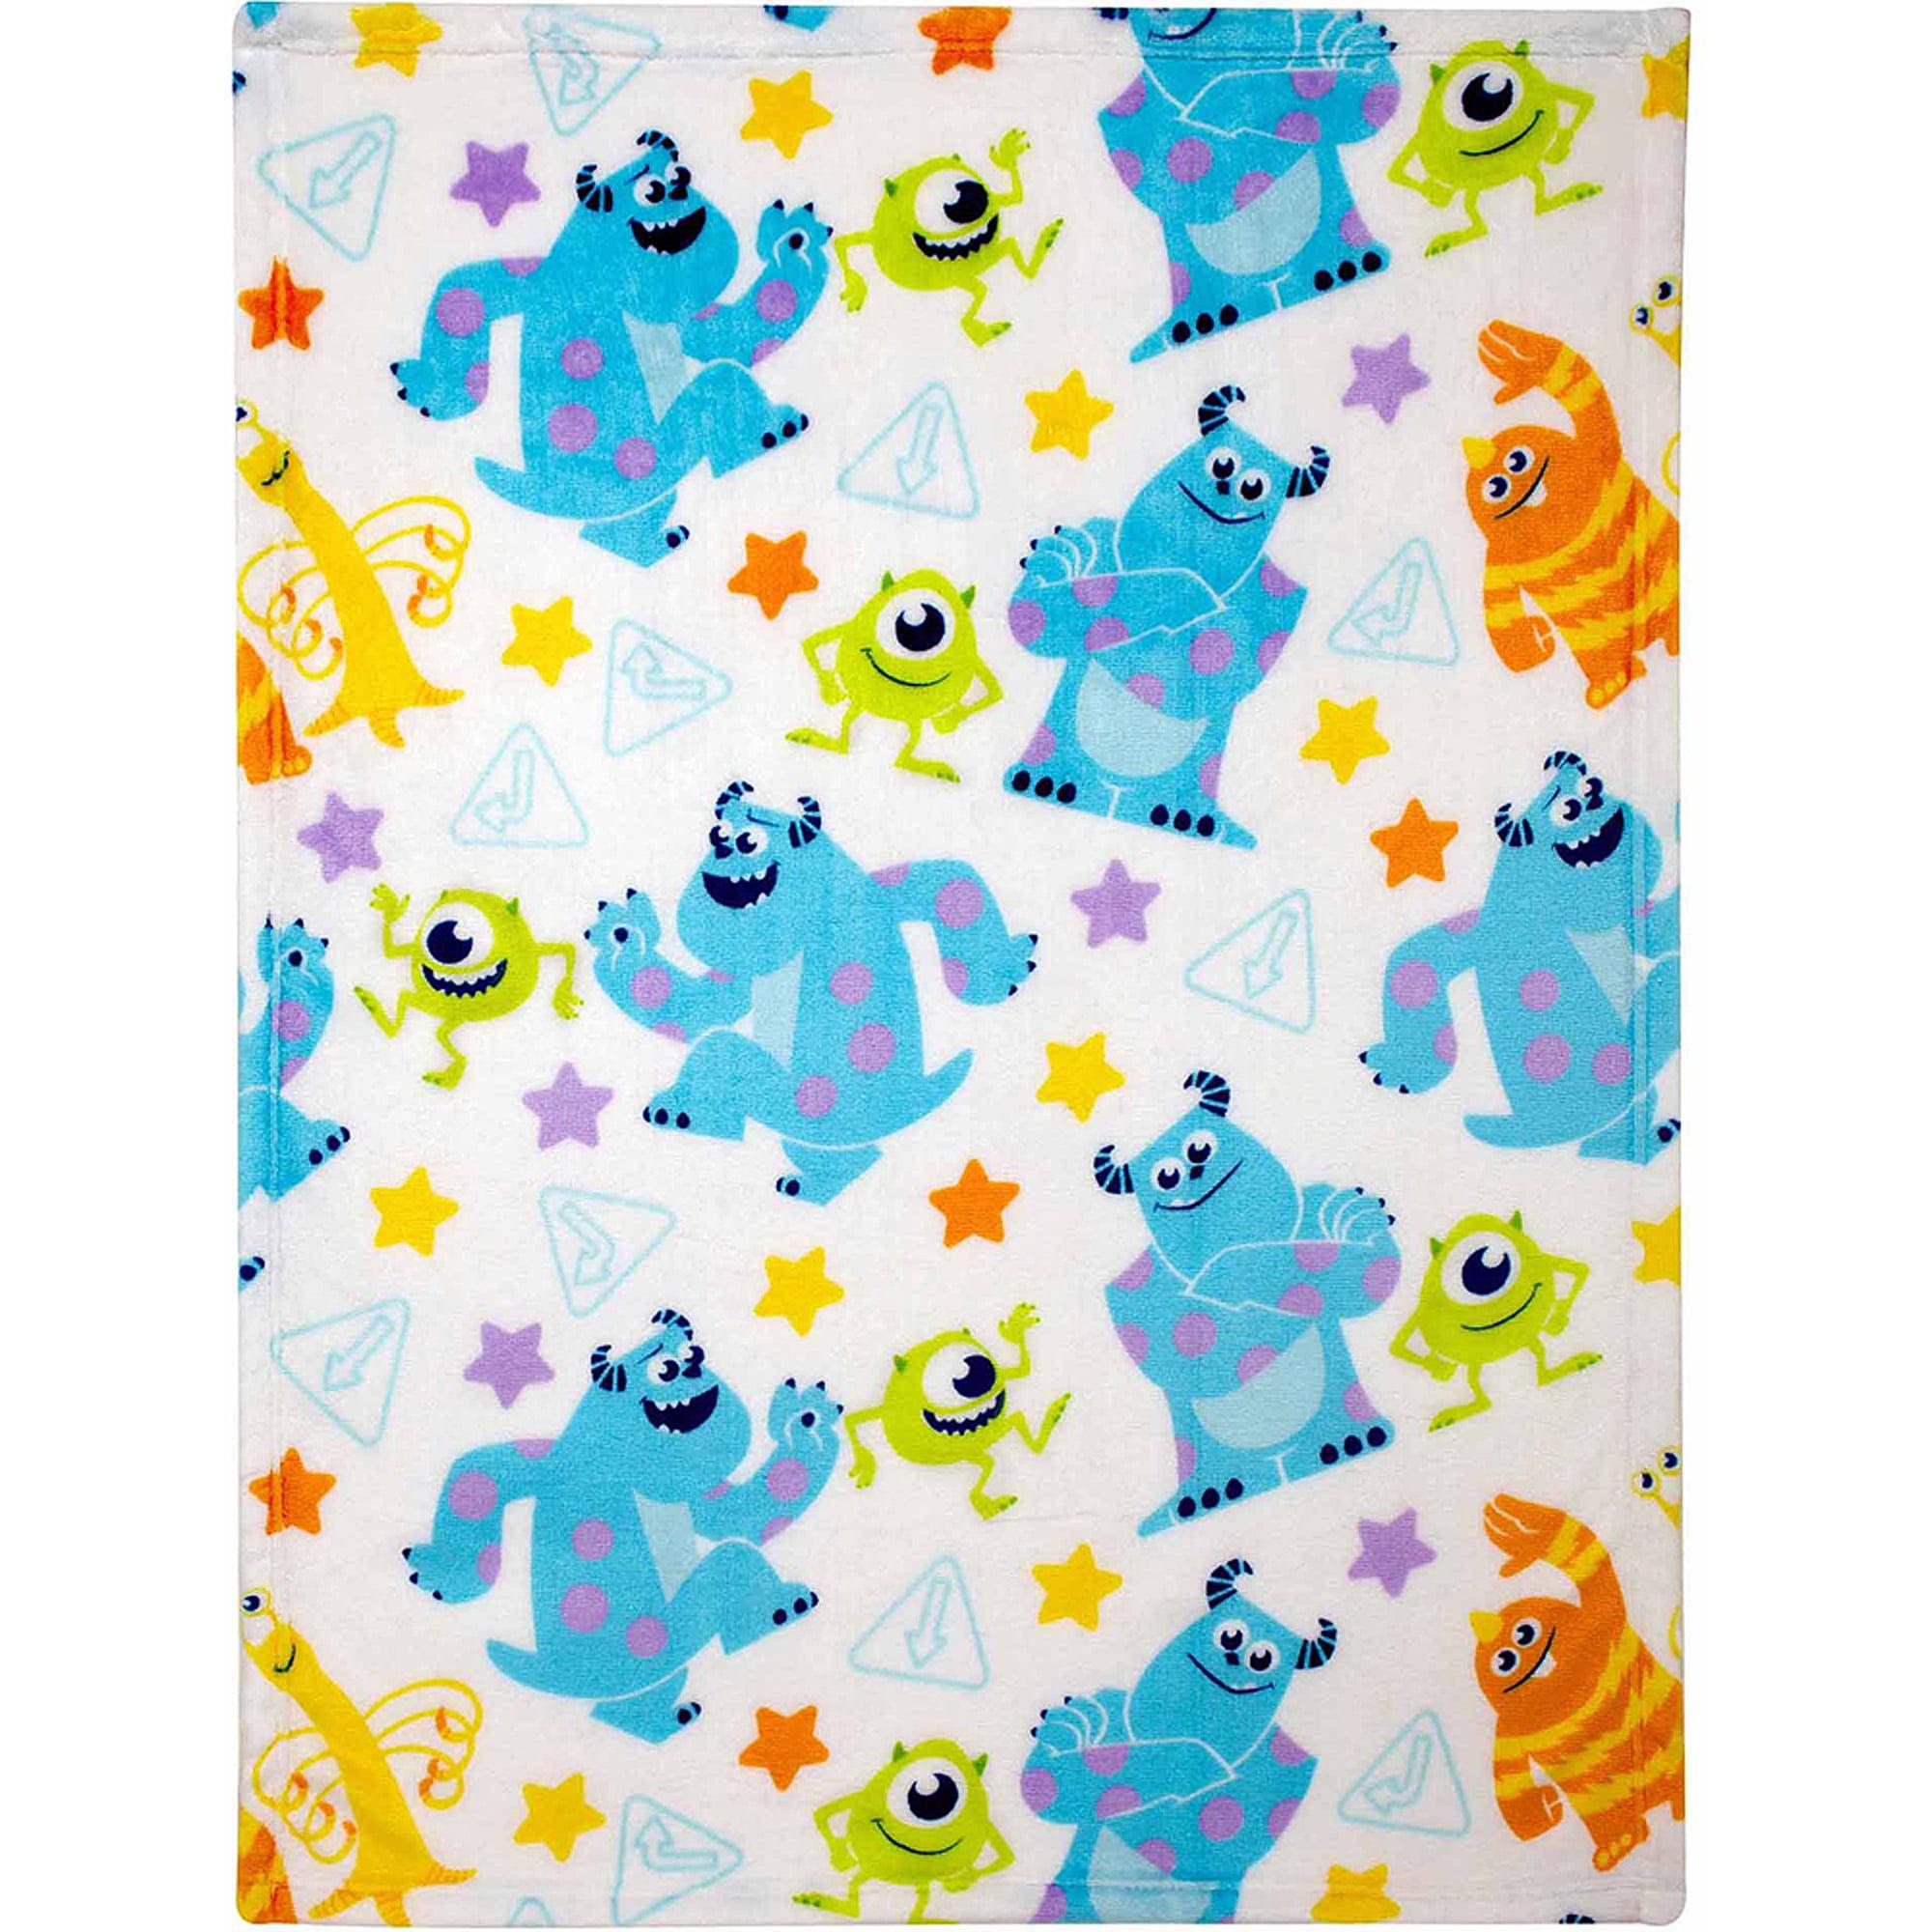 Disney Monsters Plush Printed Blanket by Disney